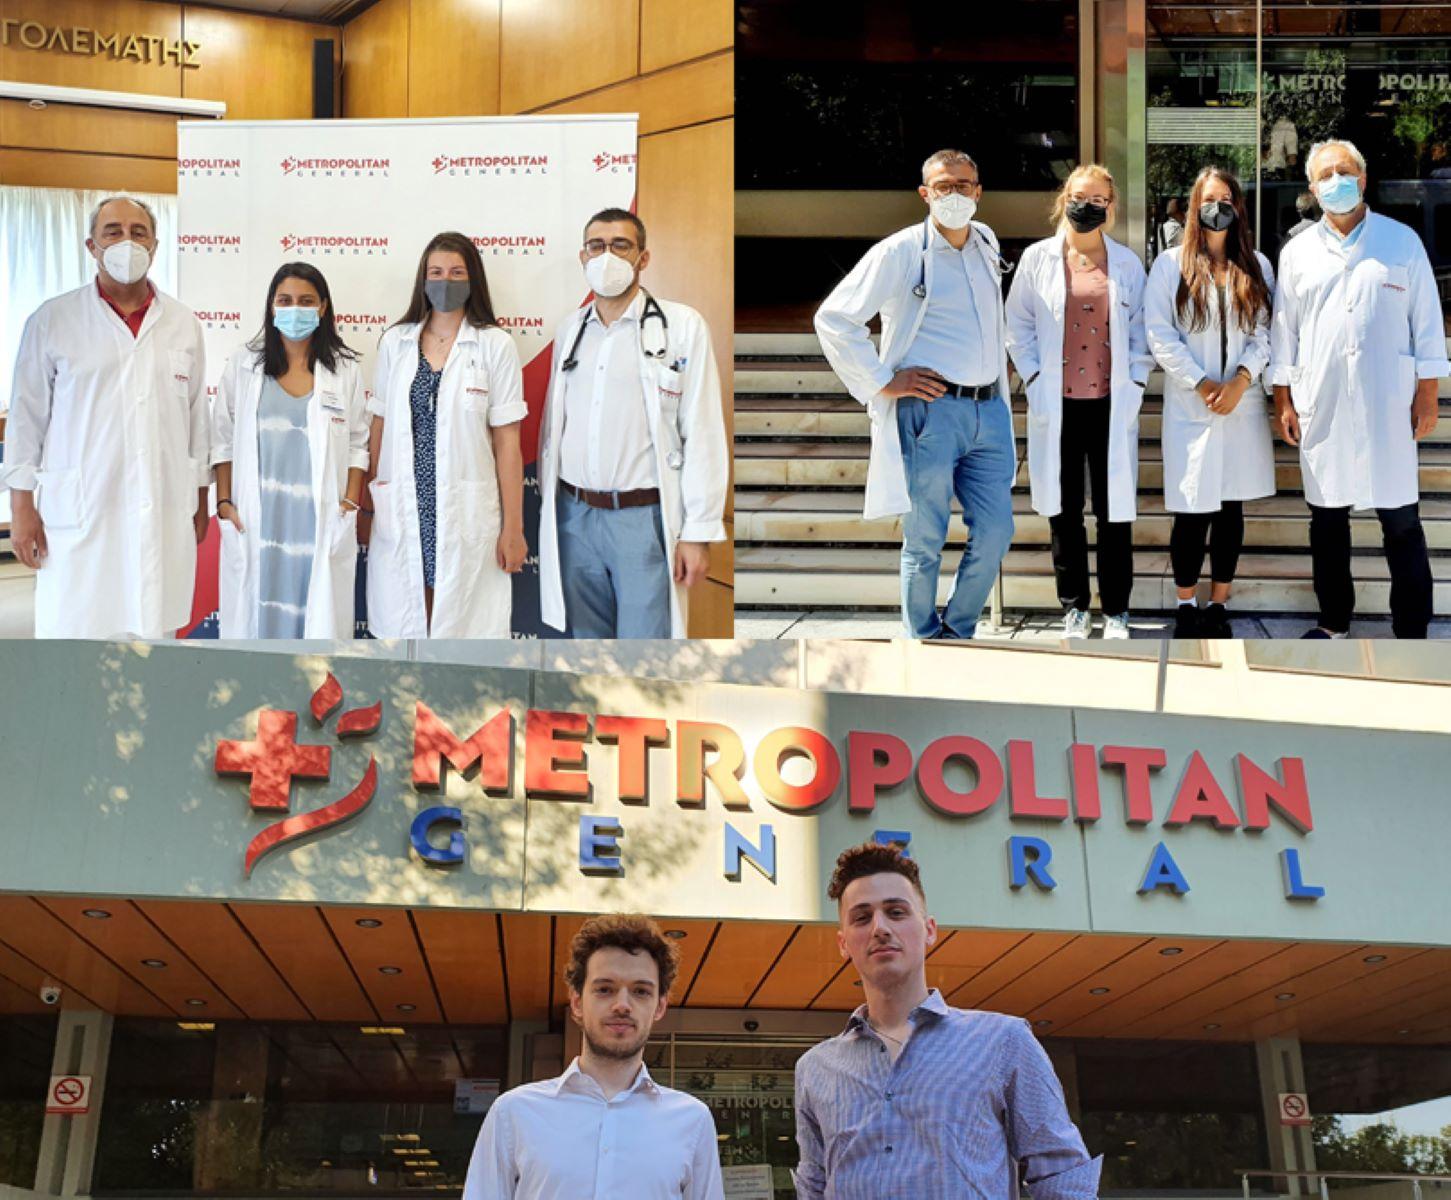 Μetropolitan General:Πρόγραμμα παρακολούθησης ξένων φοιτητών